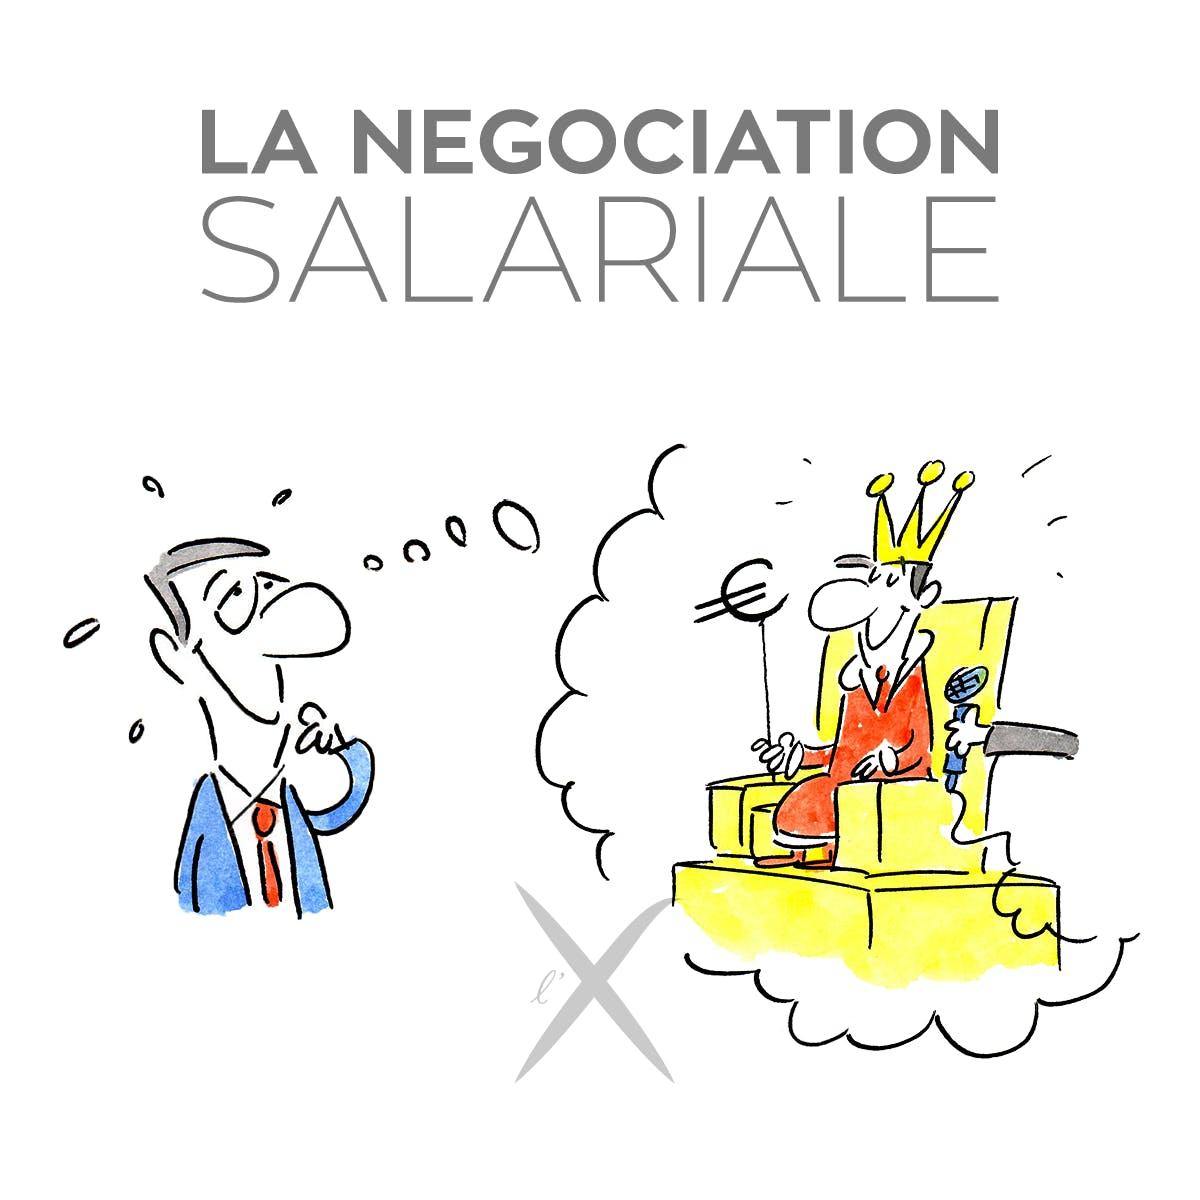 La négociation salariale